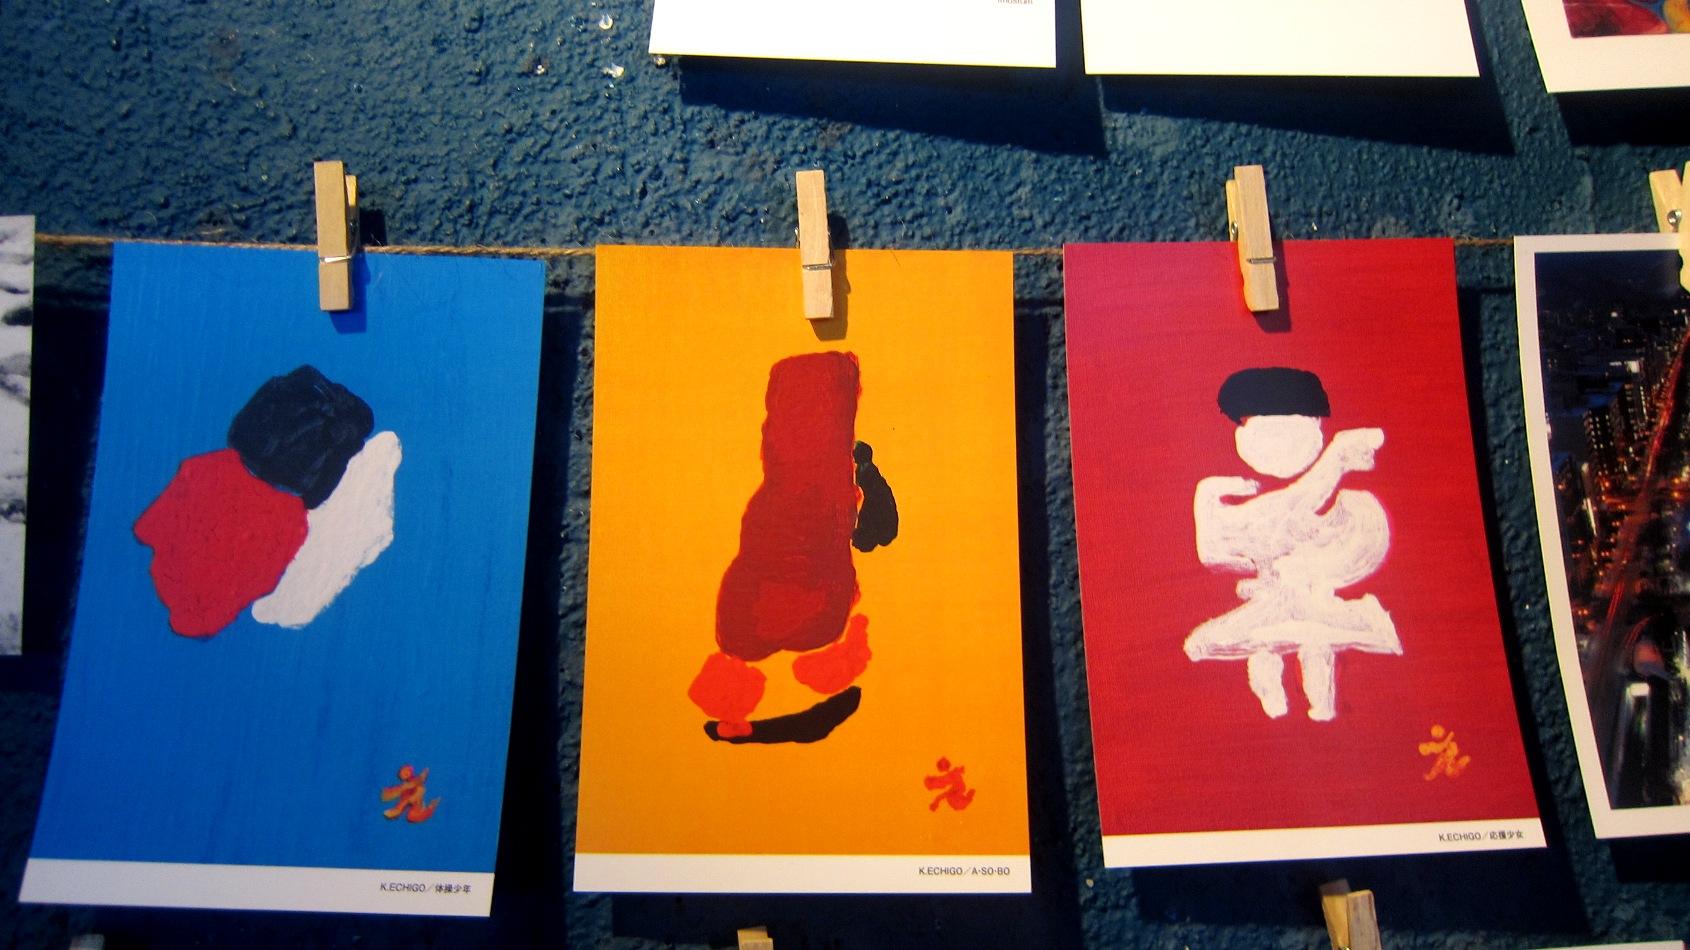 1974)「東日本大震災被災支援募金活動 ポストカード プロジェクト展」カフェエスキス 3月14日(木~4月2日(火_f0126829_9521570.jpg